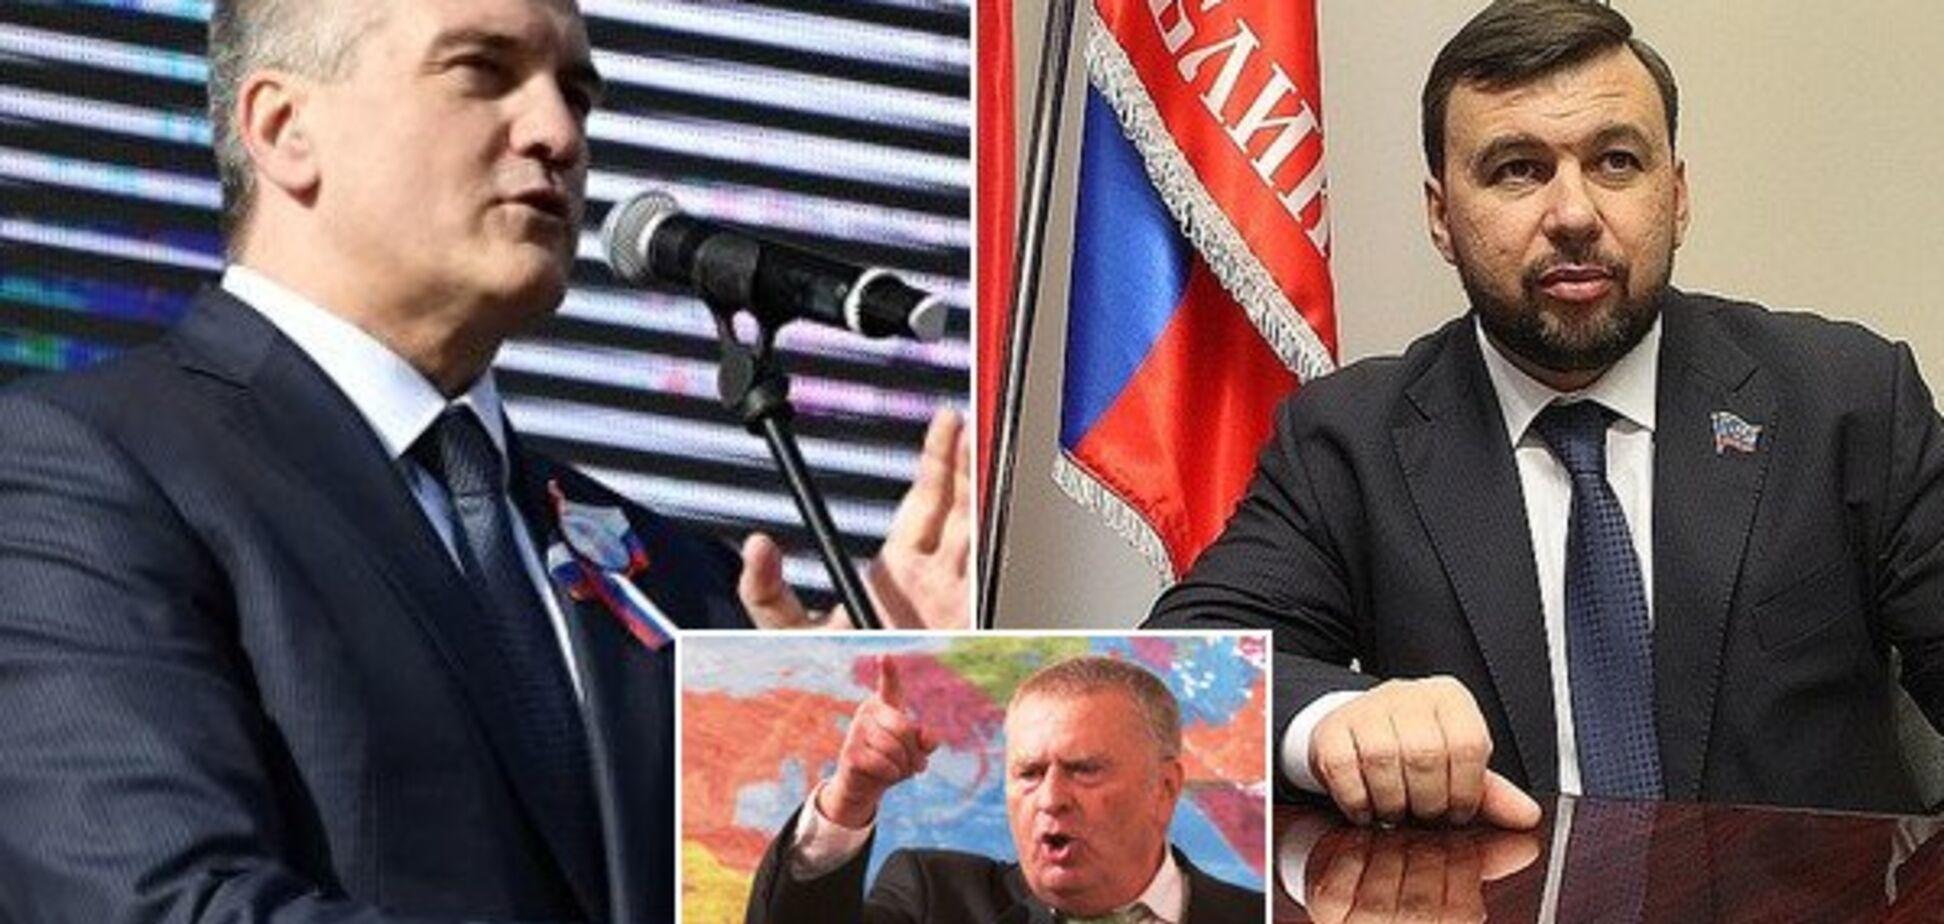 'Где Пушилин?' Жириновский потерял главаря 'ДНР' в Крыму, им прикинулся Гоблин-Аксенов: видеофакт